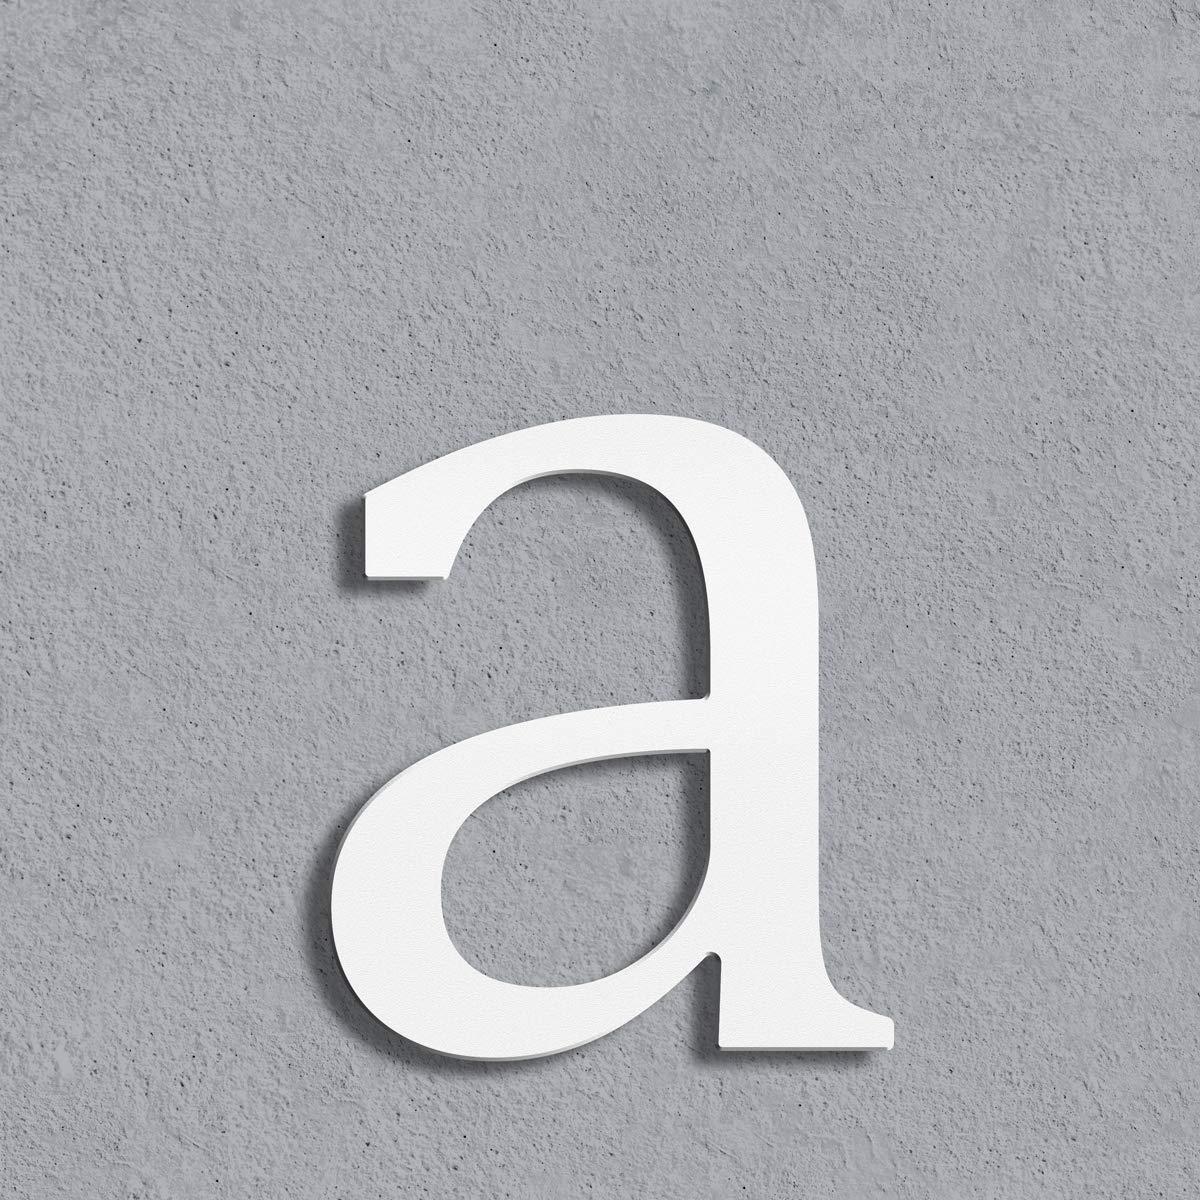 Thorwa/® moderne Design Edelstahl Hausnummer Cabaletta H: 200mm 3 wei/ß pulverbeschichtet RAL 9003